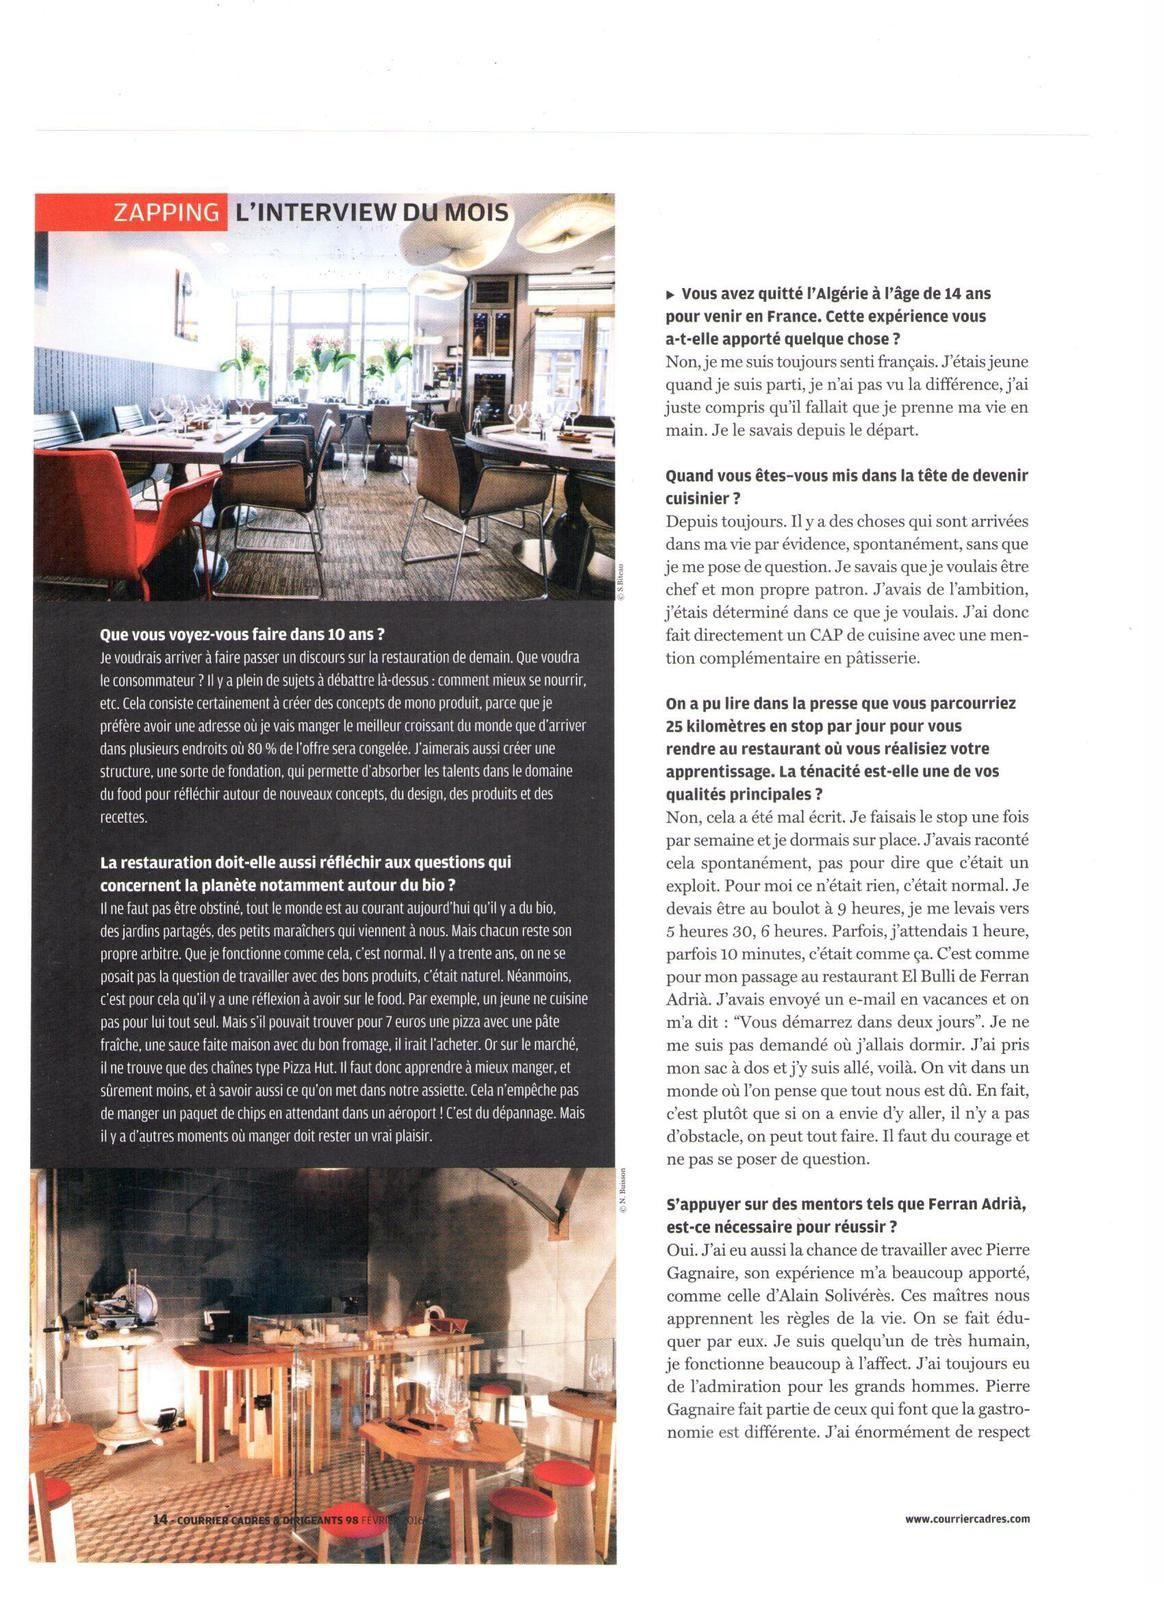 Vus et lus dans Courrier Cadres & Dirigeants de février 2016, et Télérama n°3468 du 29/06/16. Photo : Yann Rabanier pour Télérama n° 3406 du 22/04/15.